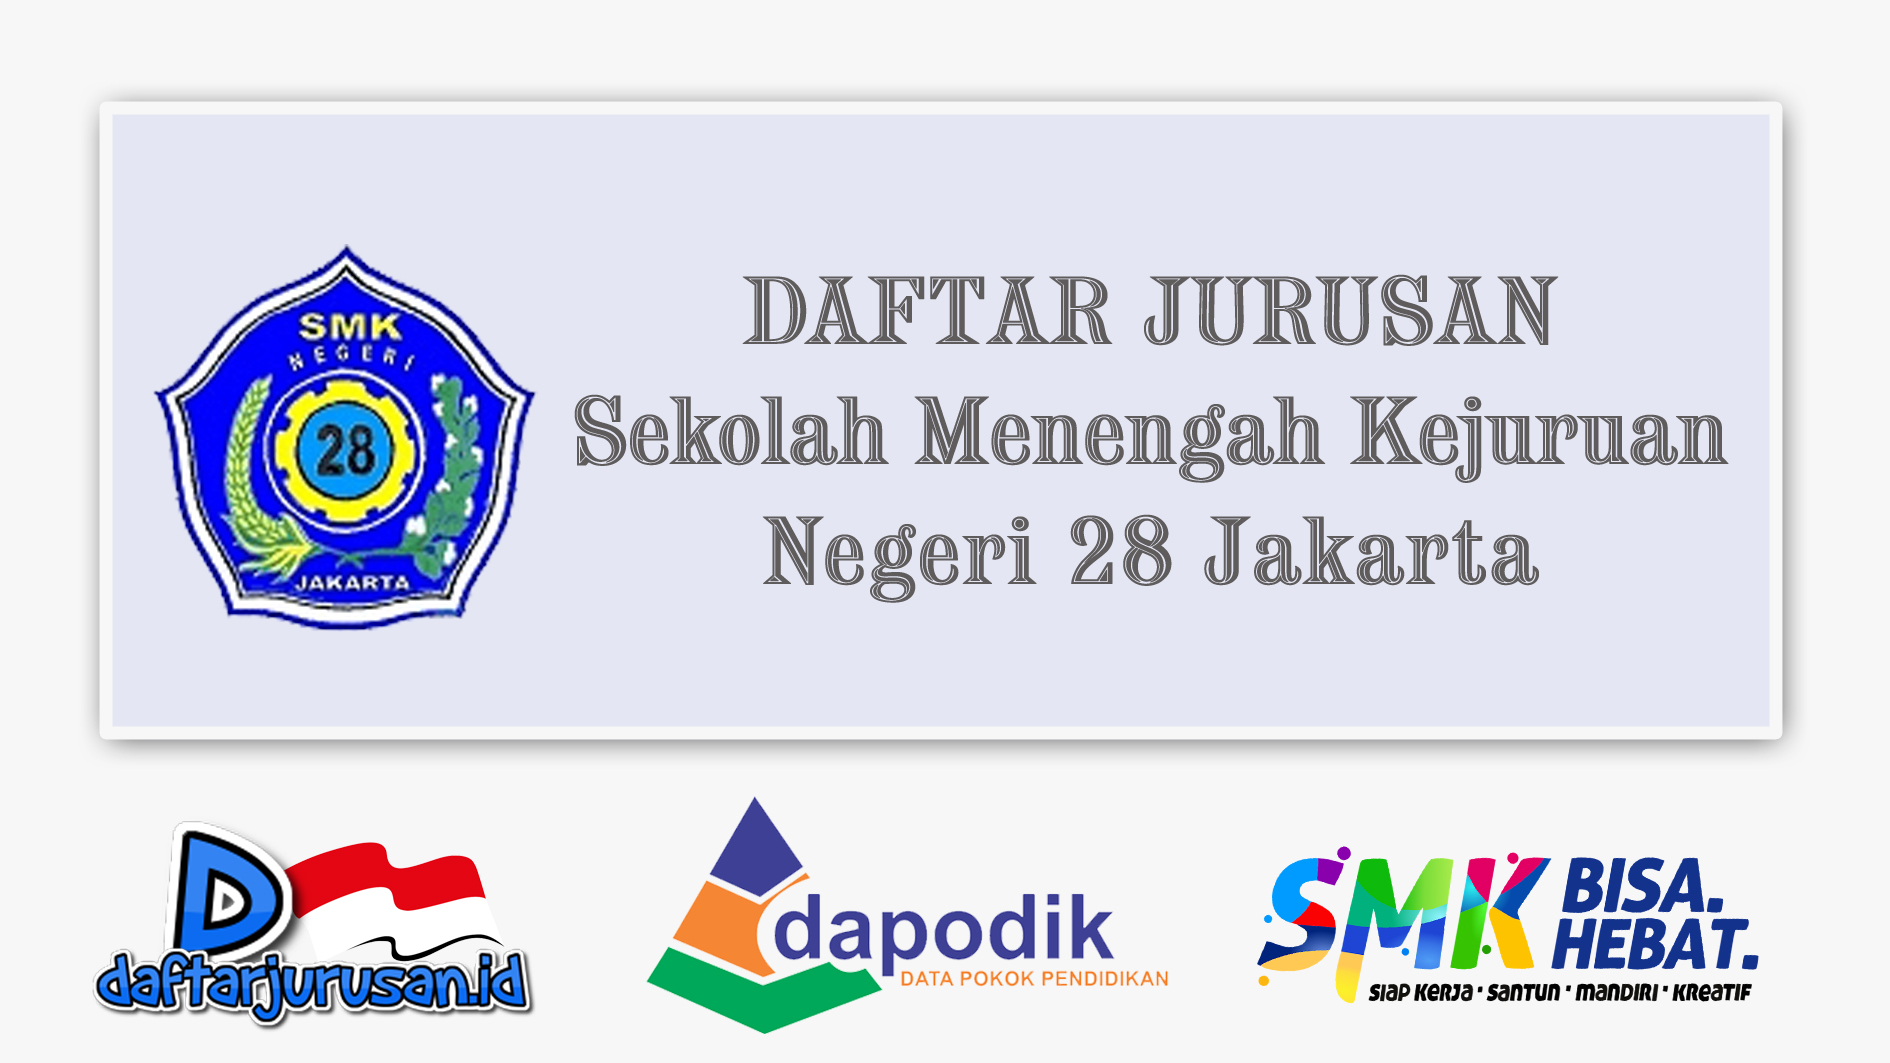 Daftar Jurusan SMK Negeri 28 Jakarta Selatan